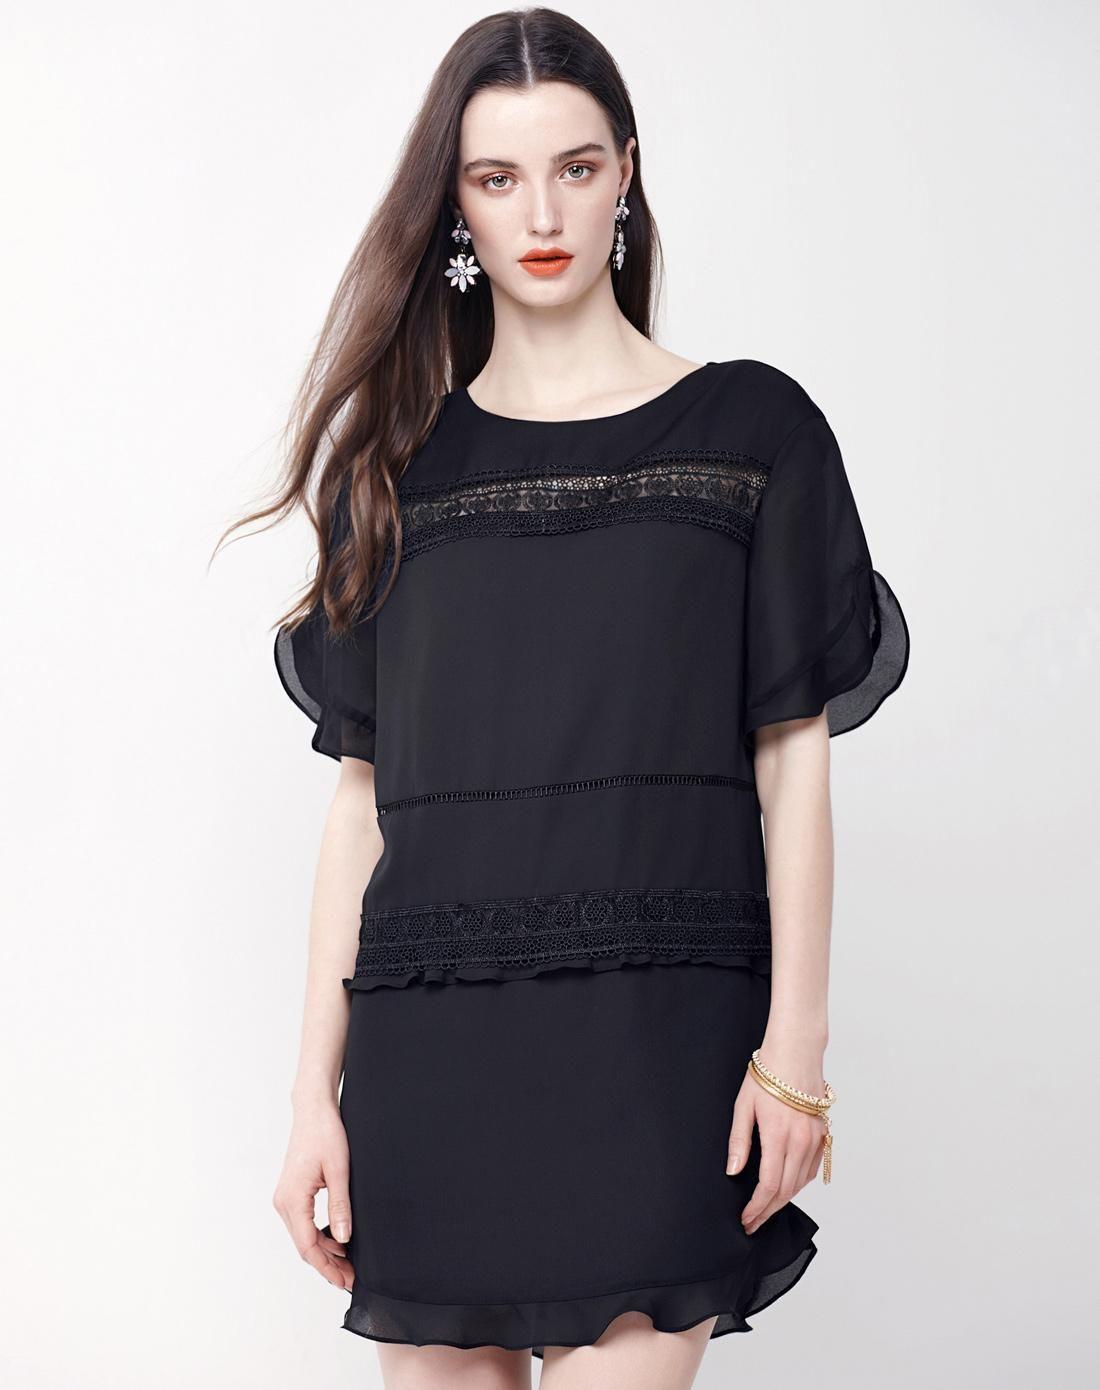 Adorewe vipme aline dresses moonbasa black solid color sheer cut